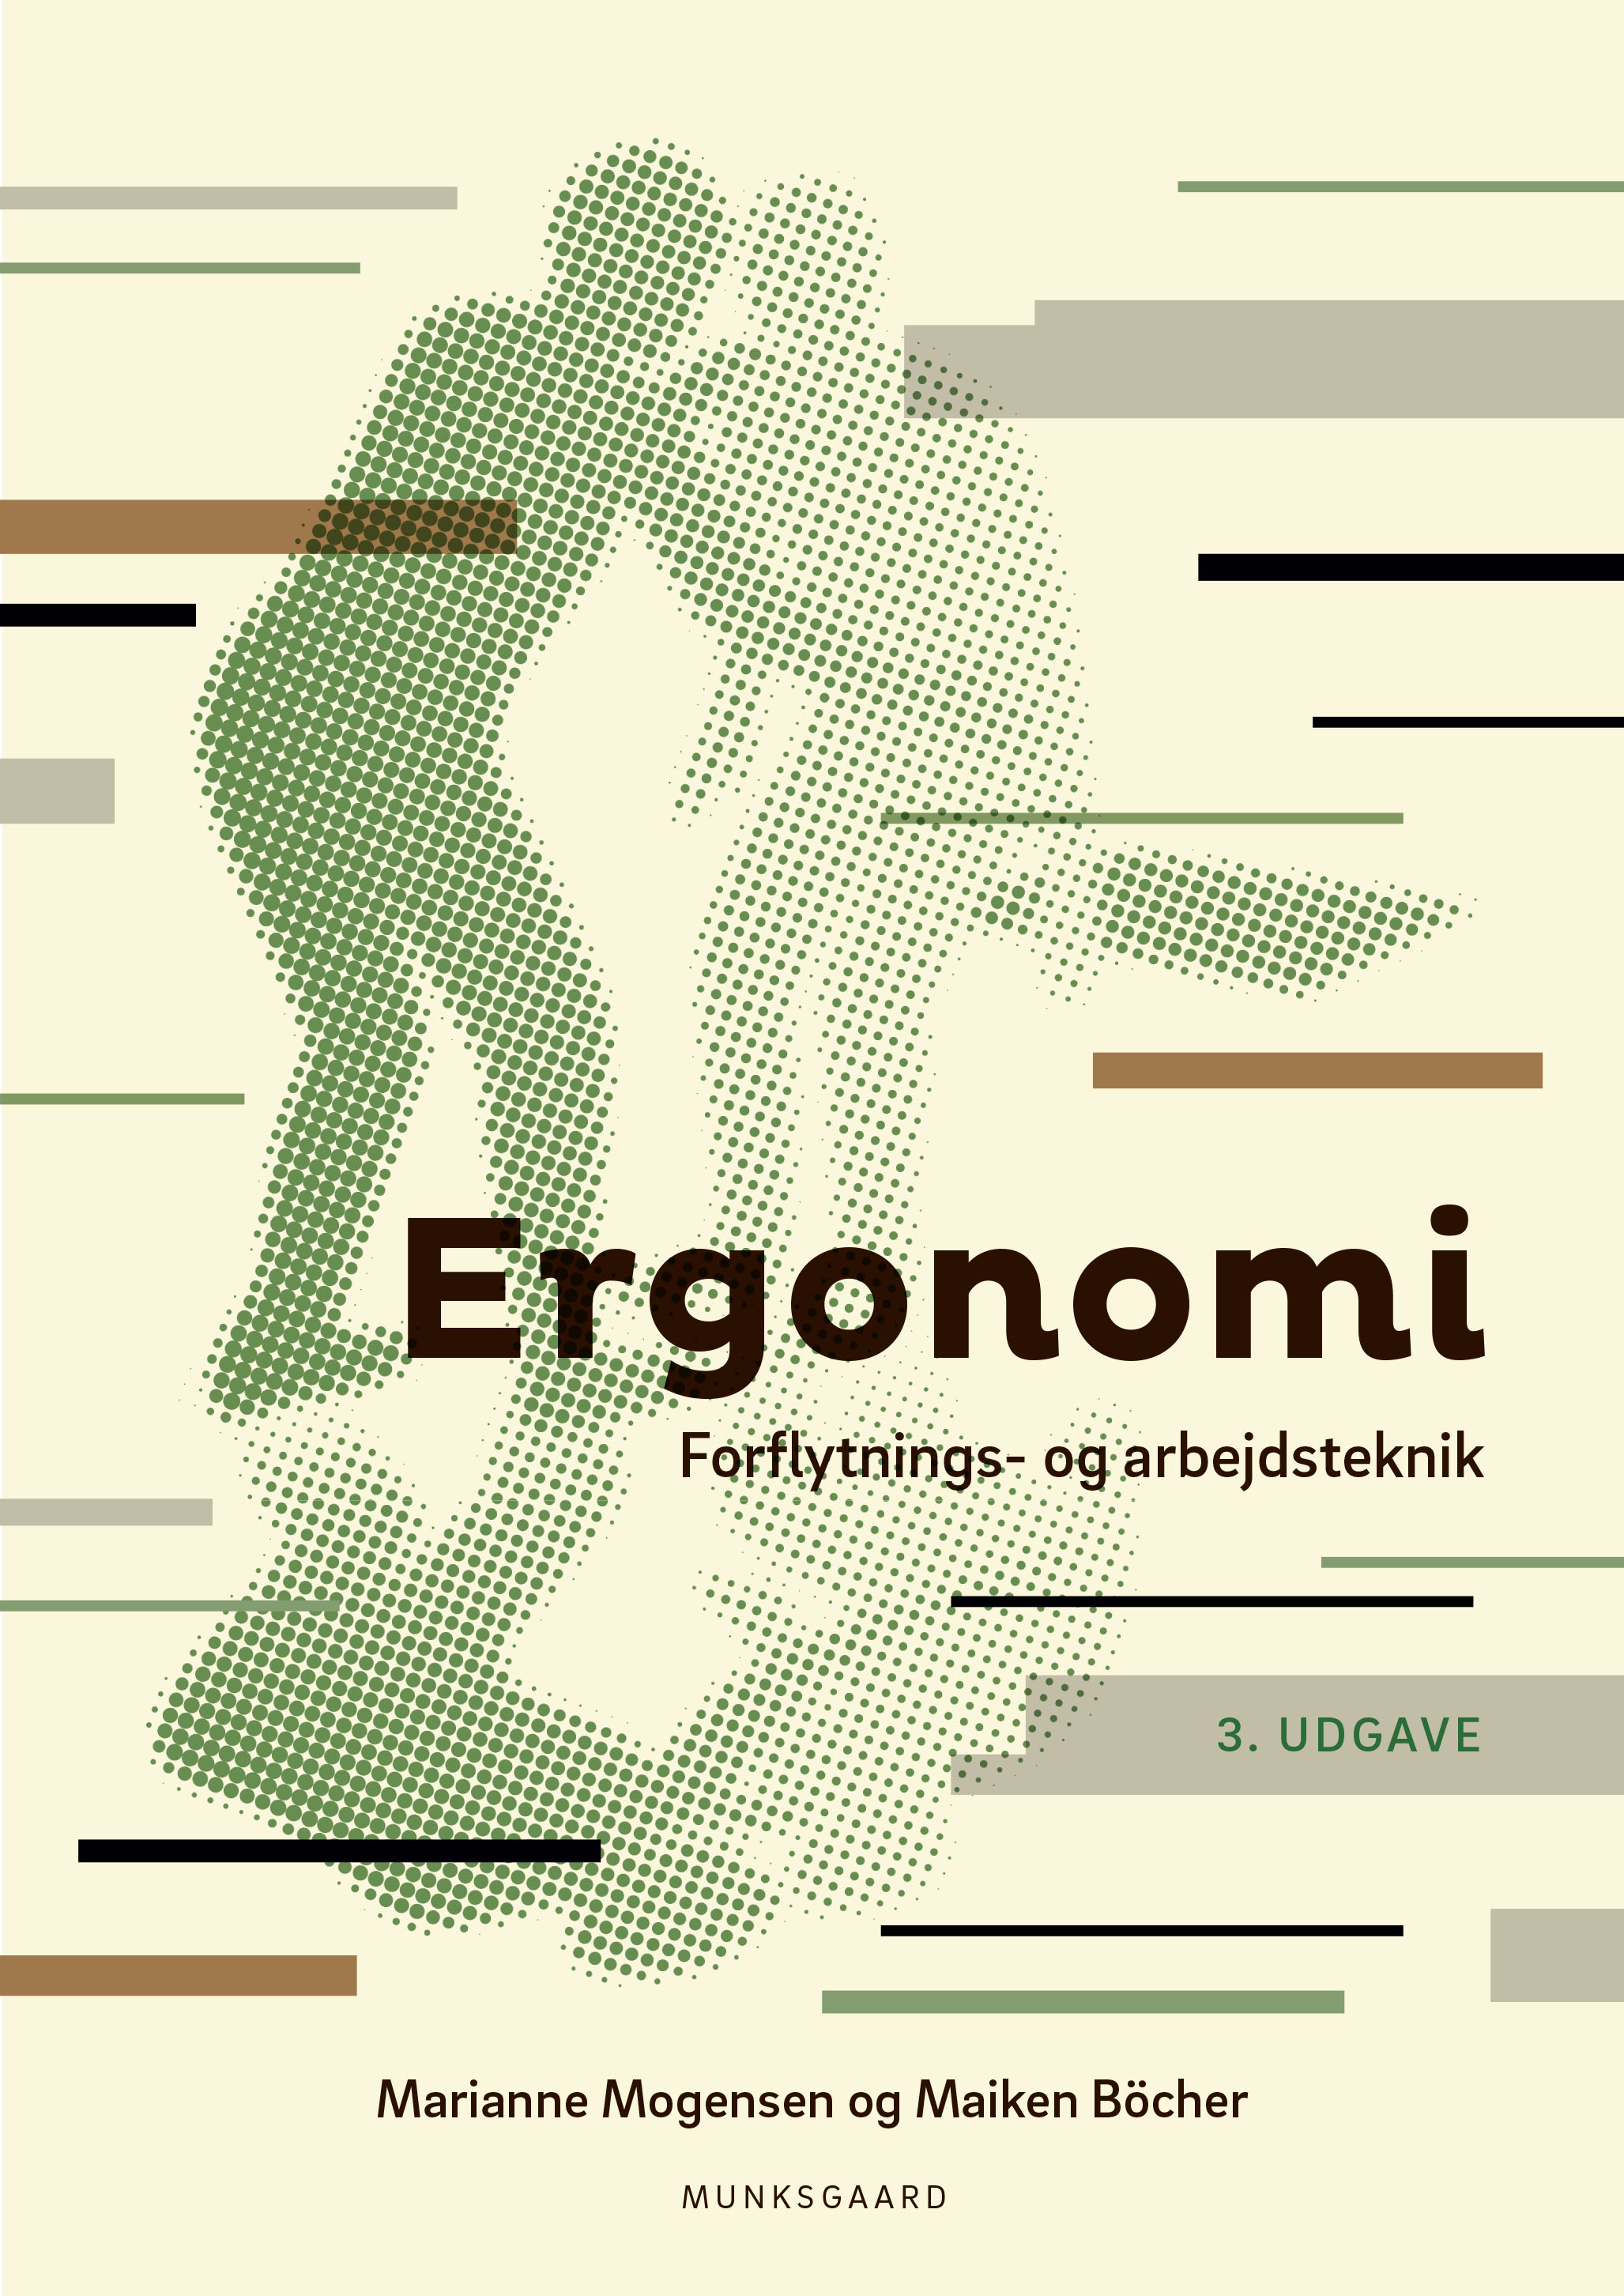 Ergonomi - forflytnings og arbejdsteknik